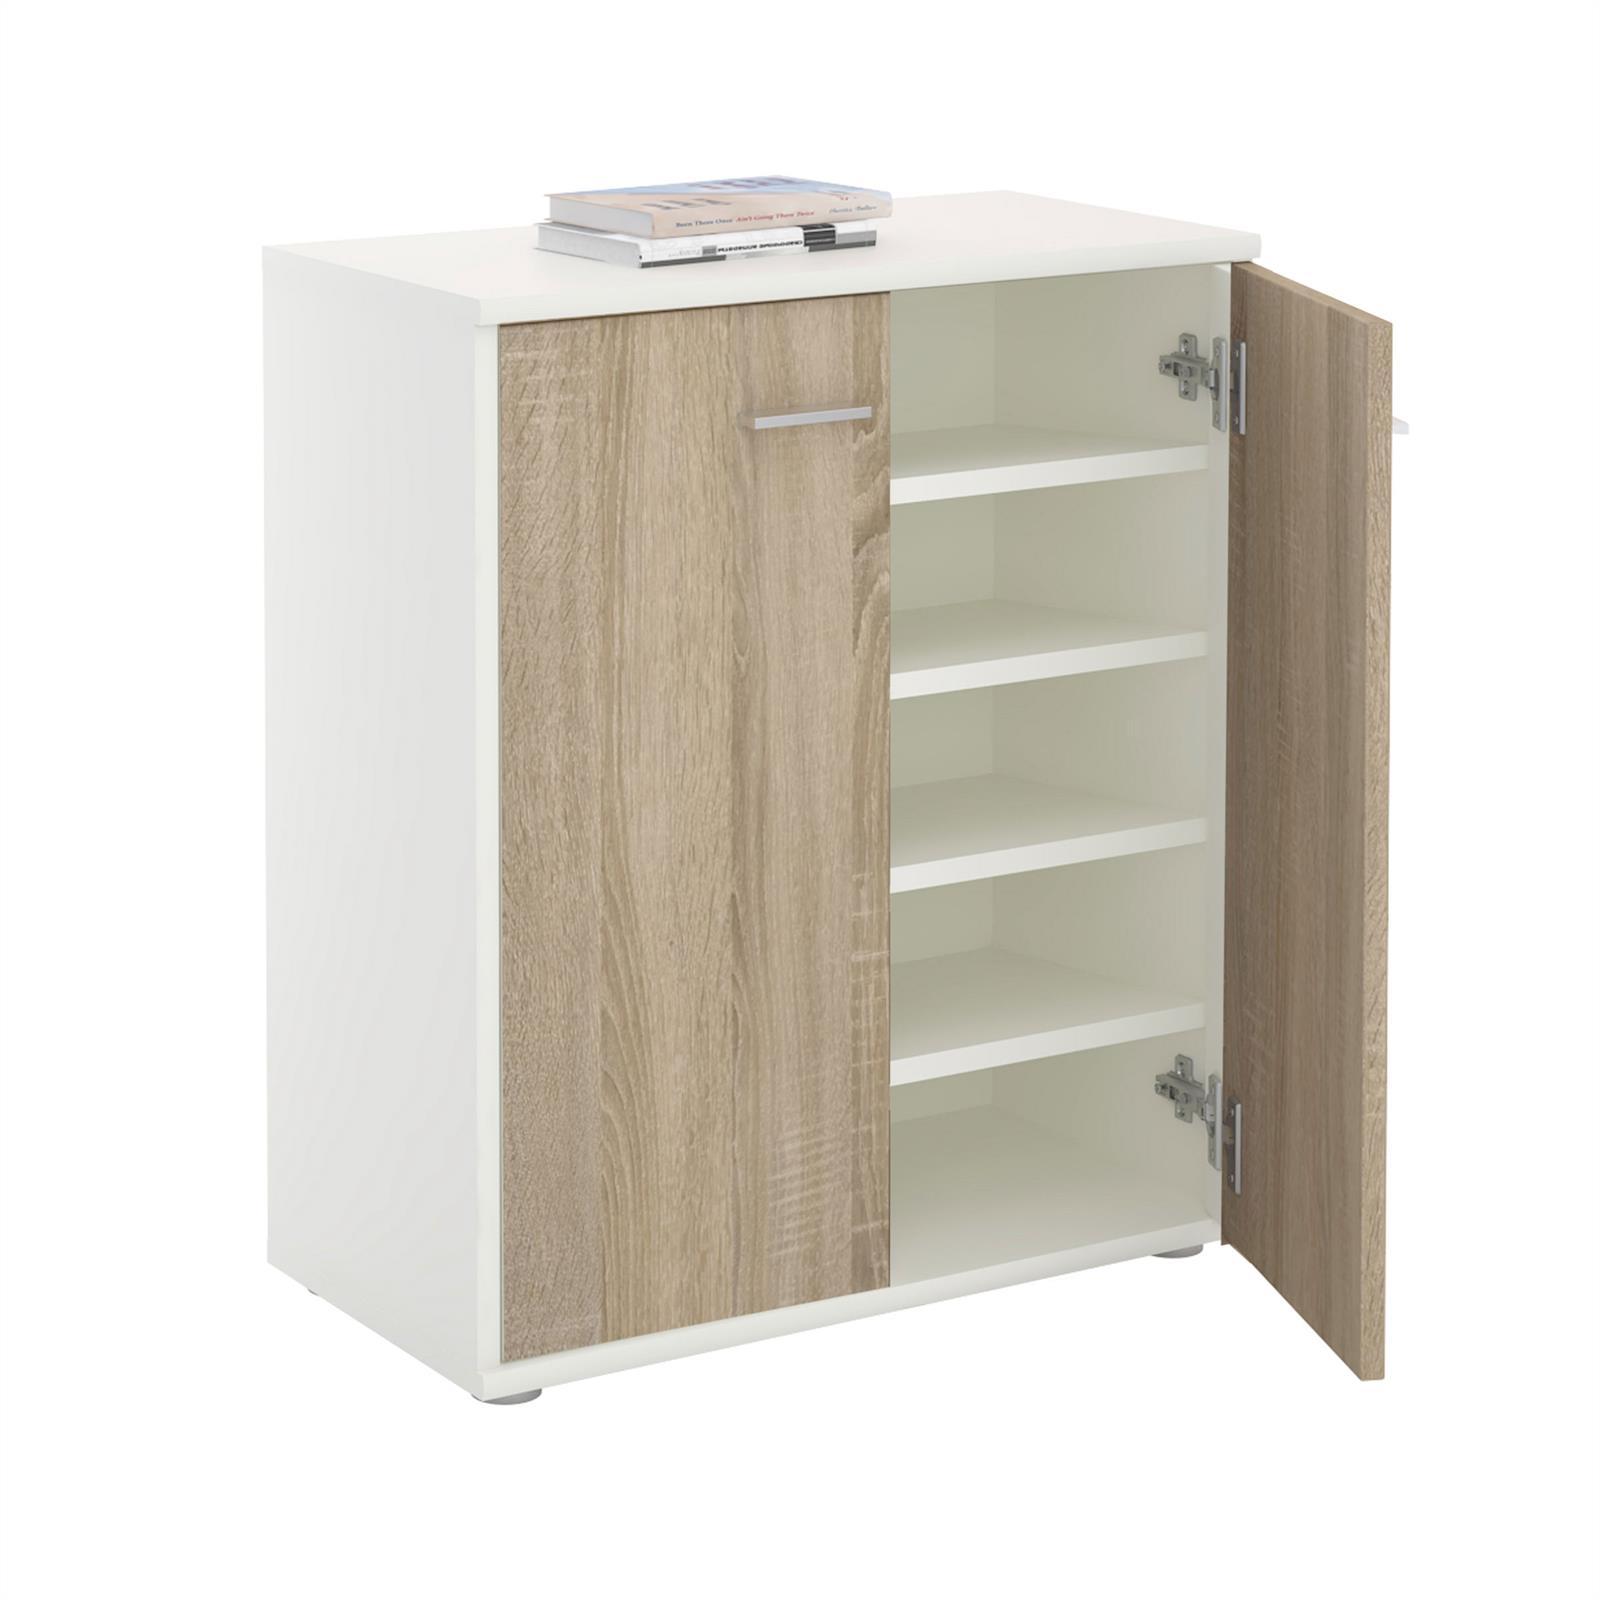 schuhschrank lennis 2 t ren in wei sonoma eiche caro m bel. Black Bedroom Furniture Sets. Home Design Ideas